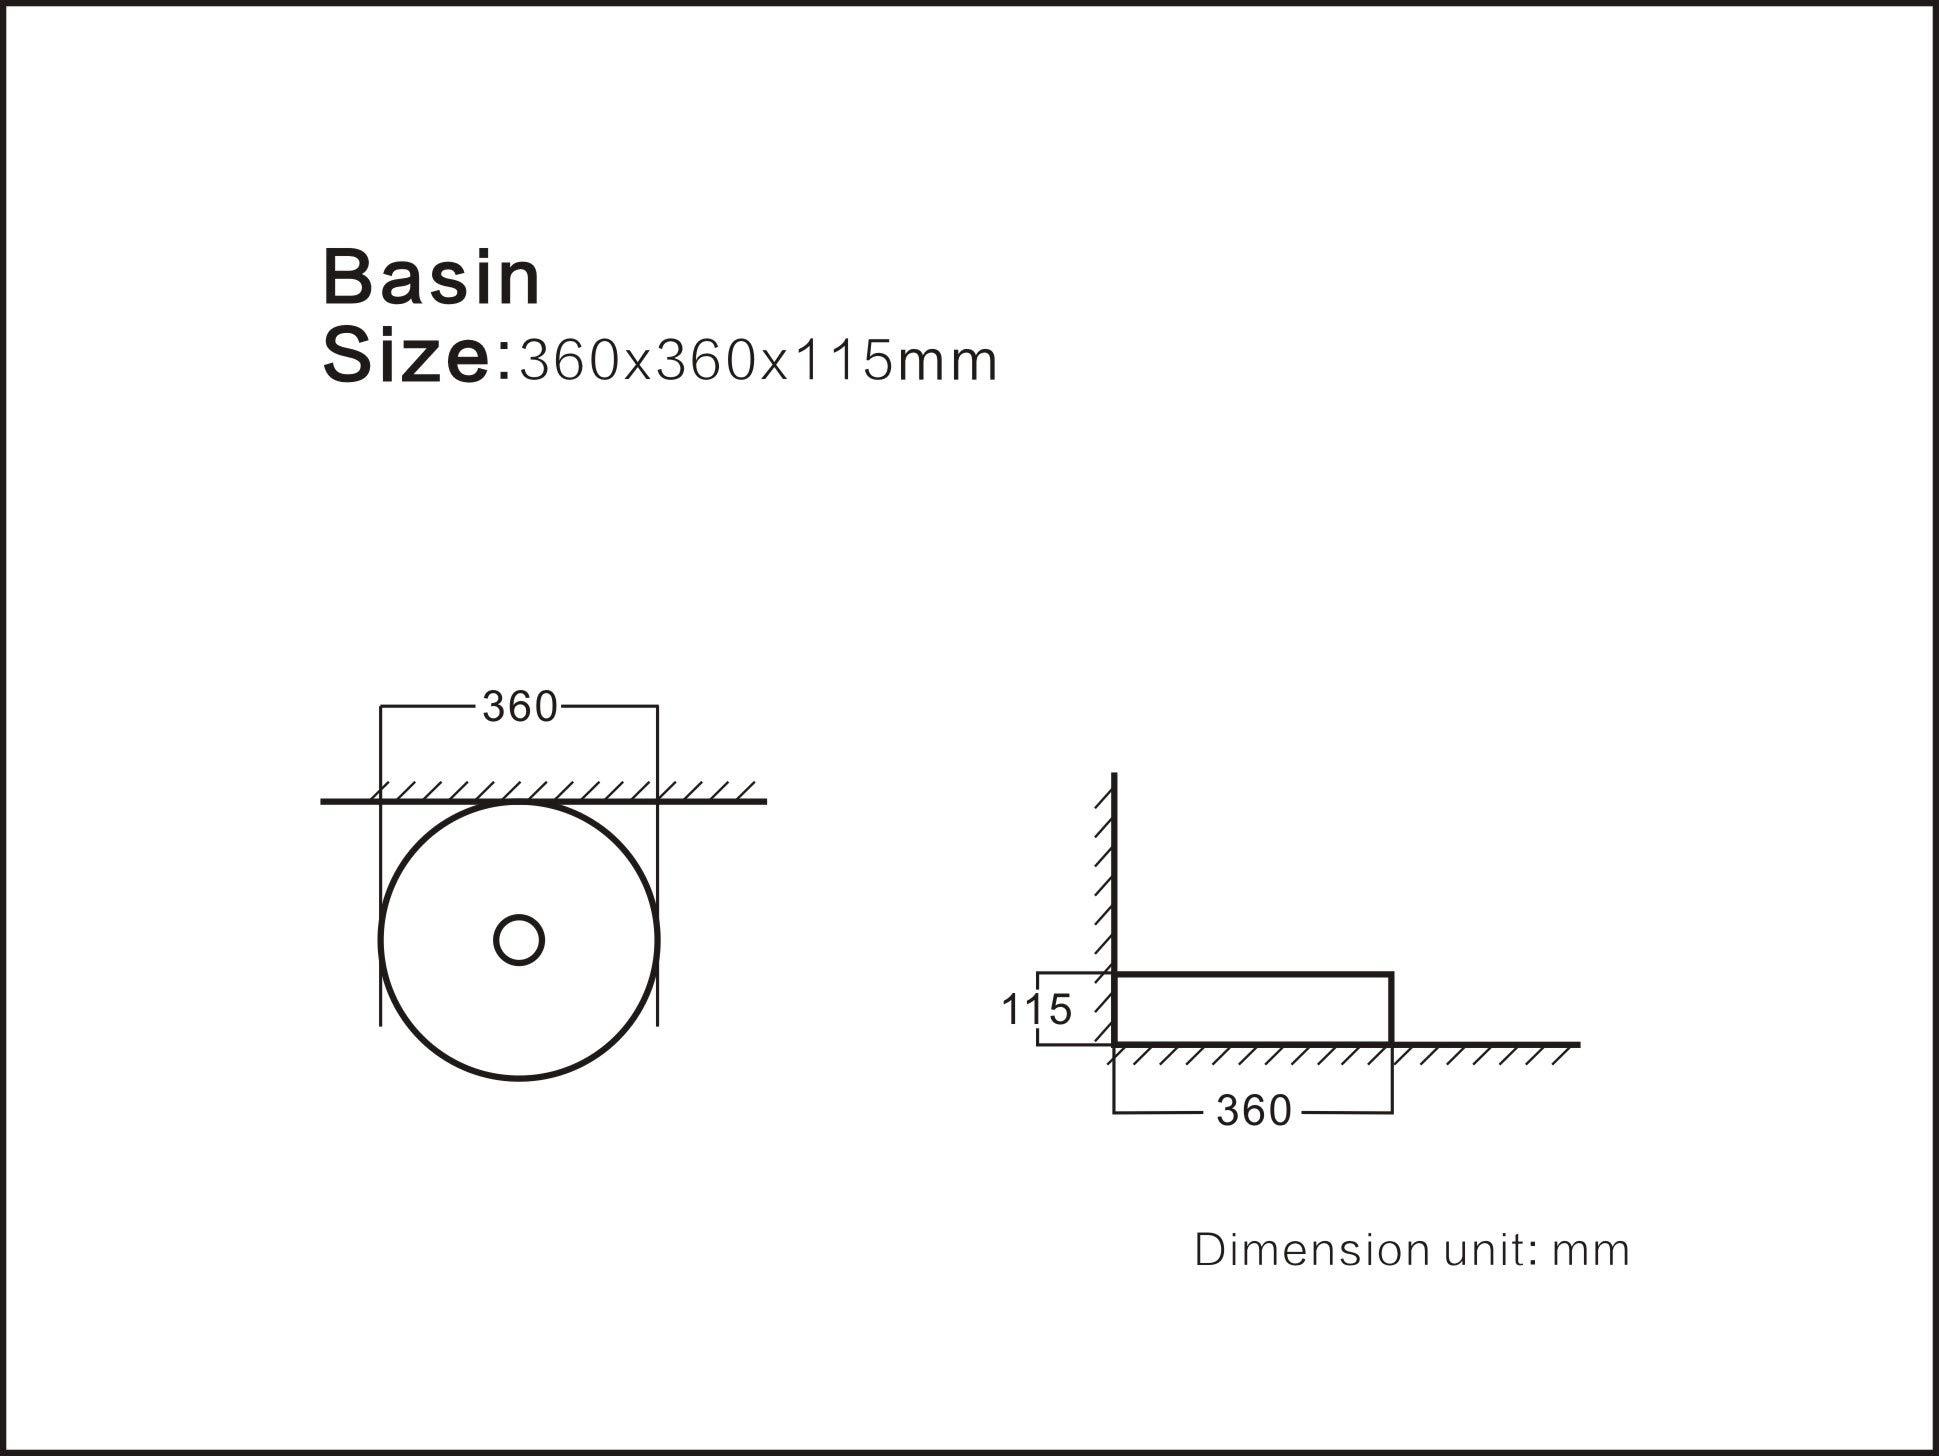 STARBATH PLUS Lavabo De Cer/ámica Sobre Encimera Forma C/írculo Blanco Brillo 35 x 35 x 12 cm SFINCIL